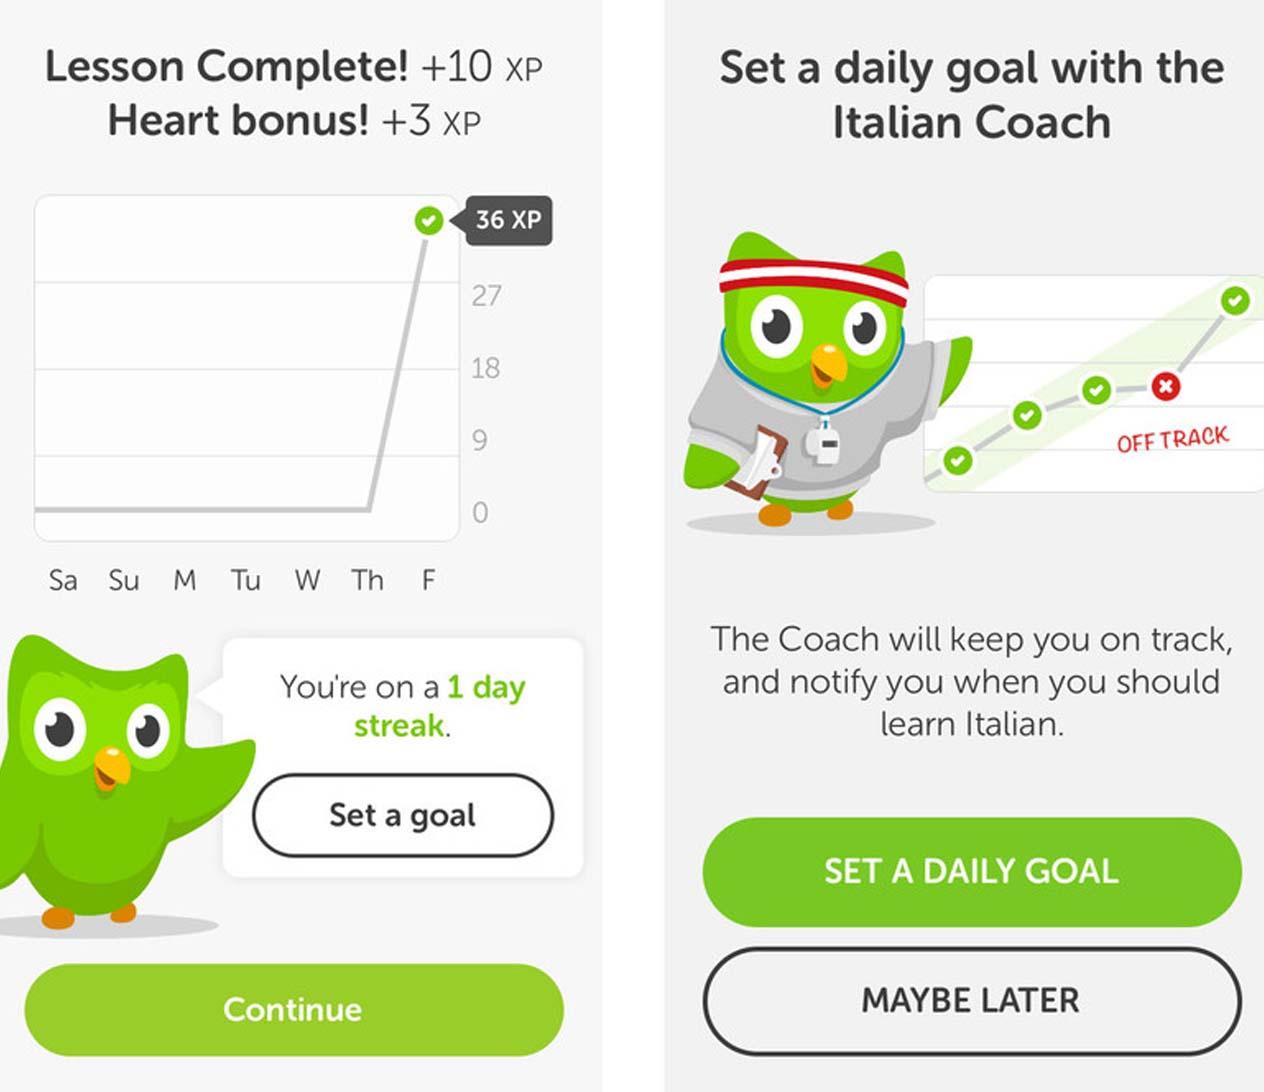 Duolingo เป็นการเรียนแบบ Massive Online Open Courses ให้เรียนร่วมกัน หรือแปลศัพท์ต่างๆ และดำเนินการผ่านไปทีละด่าน